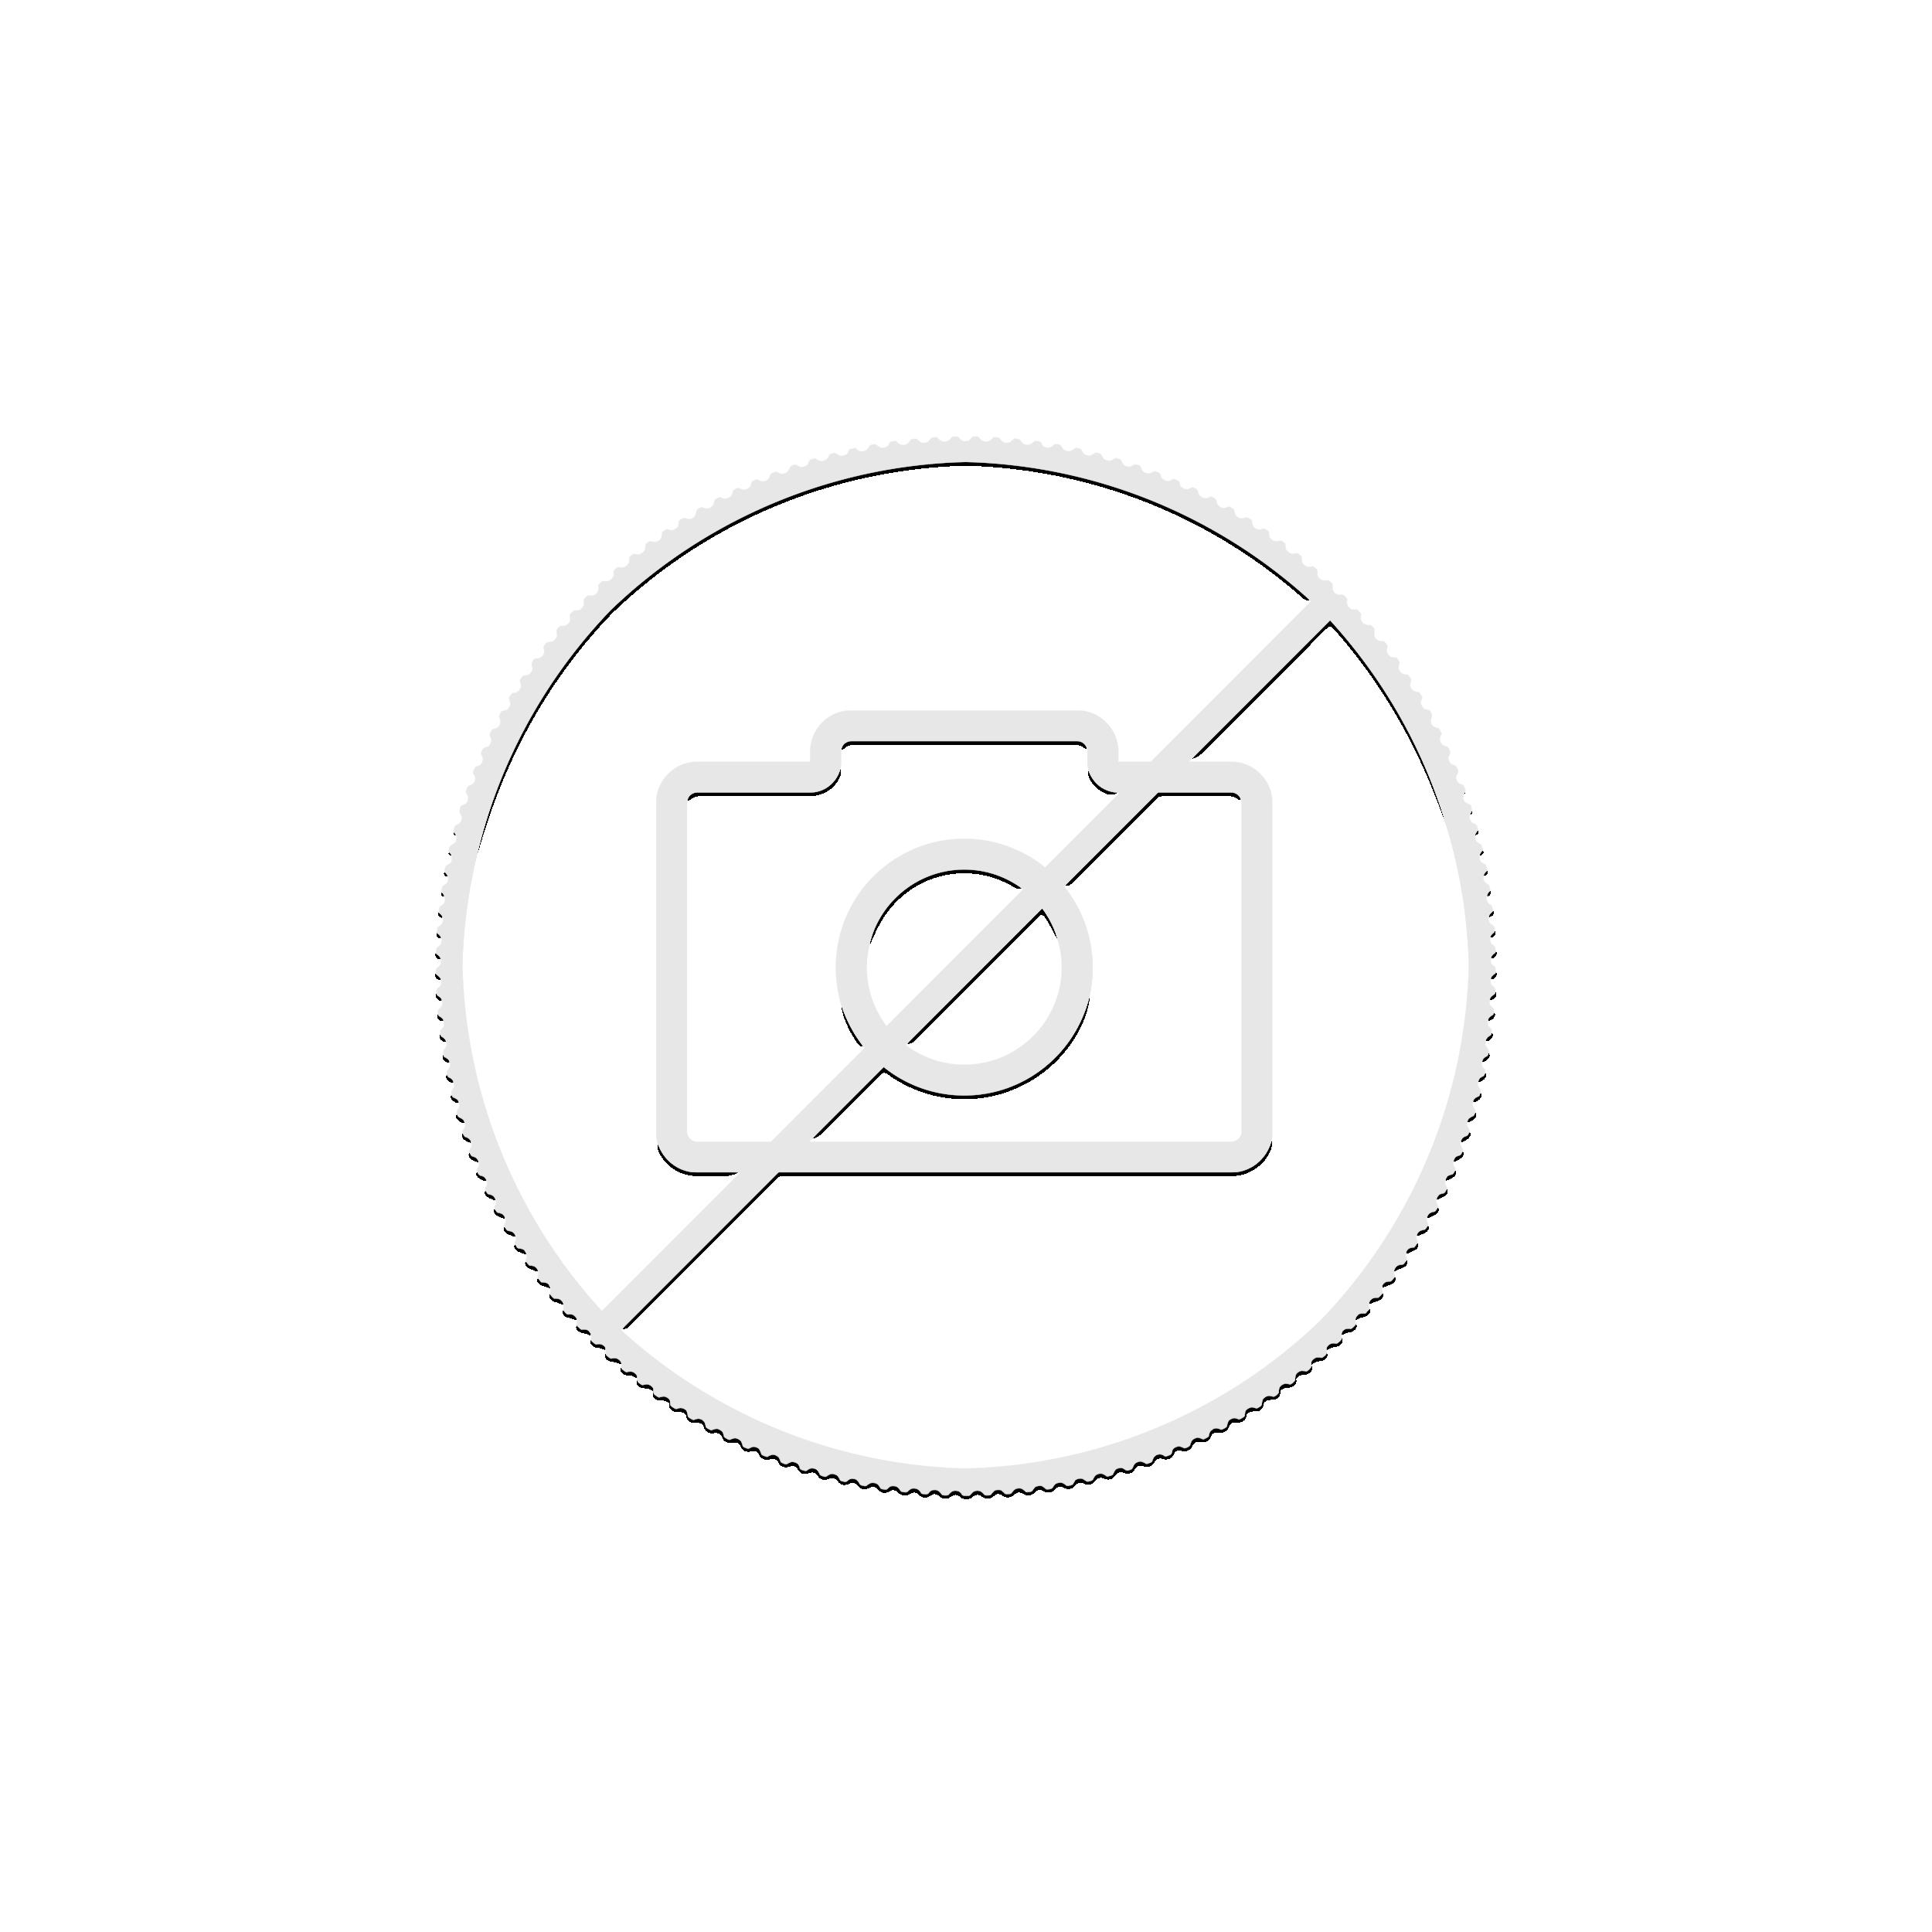 1 Troy ounce silver coin Pysanka Egg 2020 Proof - achterkant